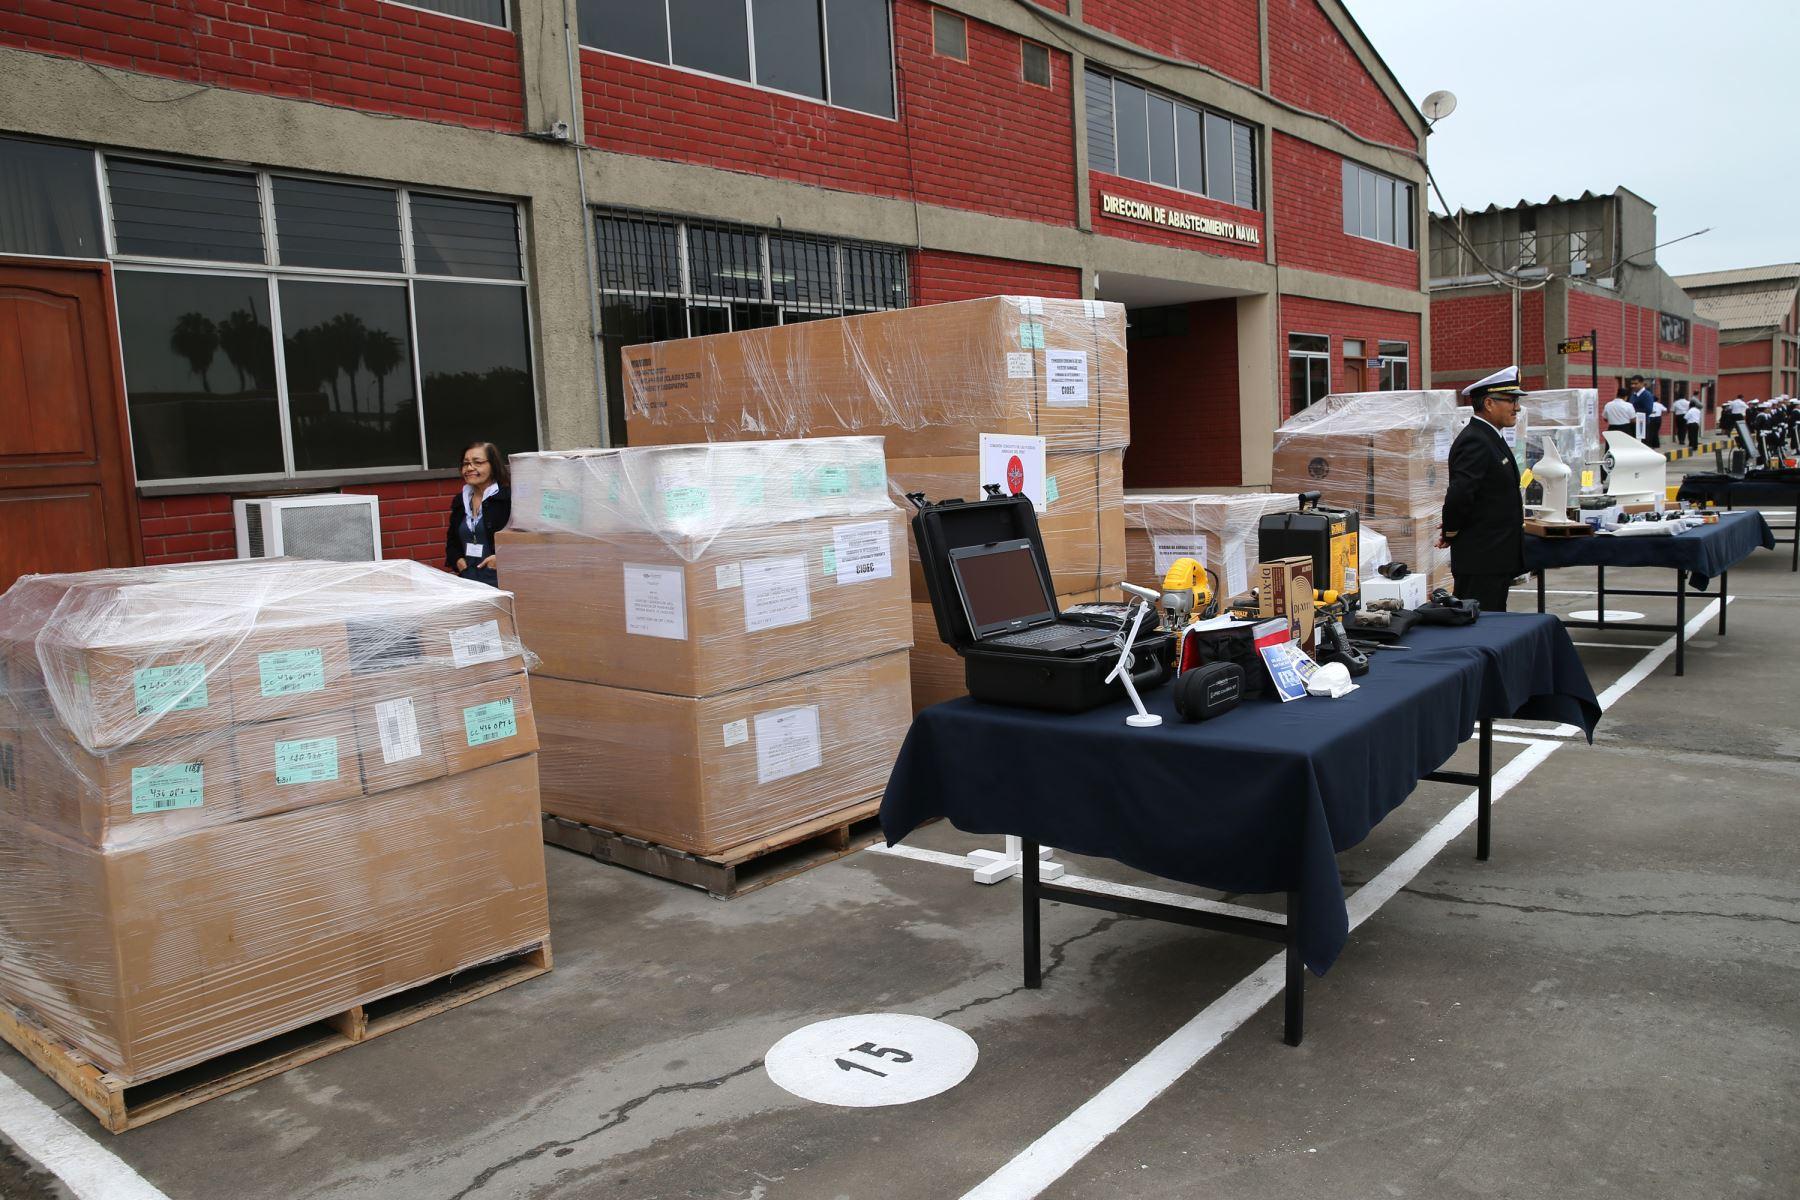 LIMA,PERÚ.MAYO 31.El  Embajador  de los Estados Unidos, Brian A.Nichols, dona a las Fuerzas Armadas, material y equipos para la lucha contra las drogas. Foto: ANDINA/Norman Córdova